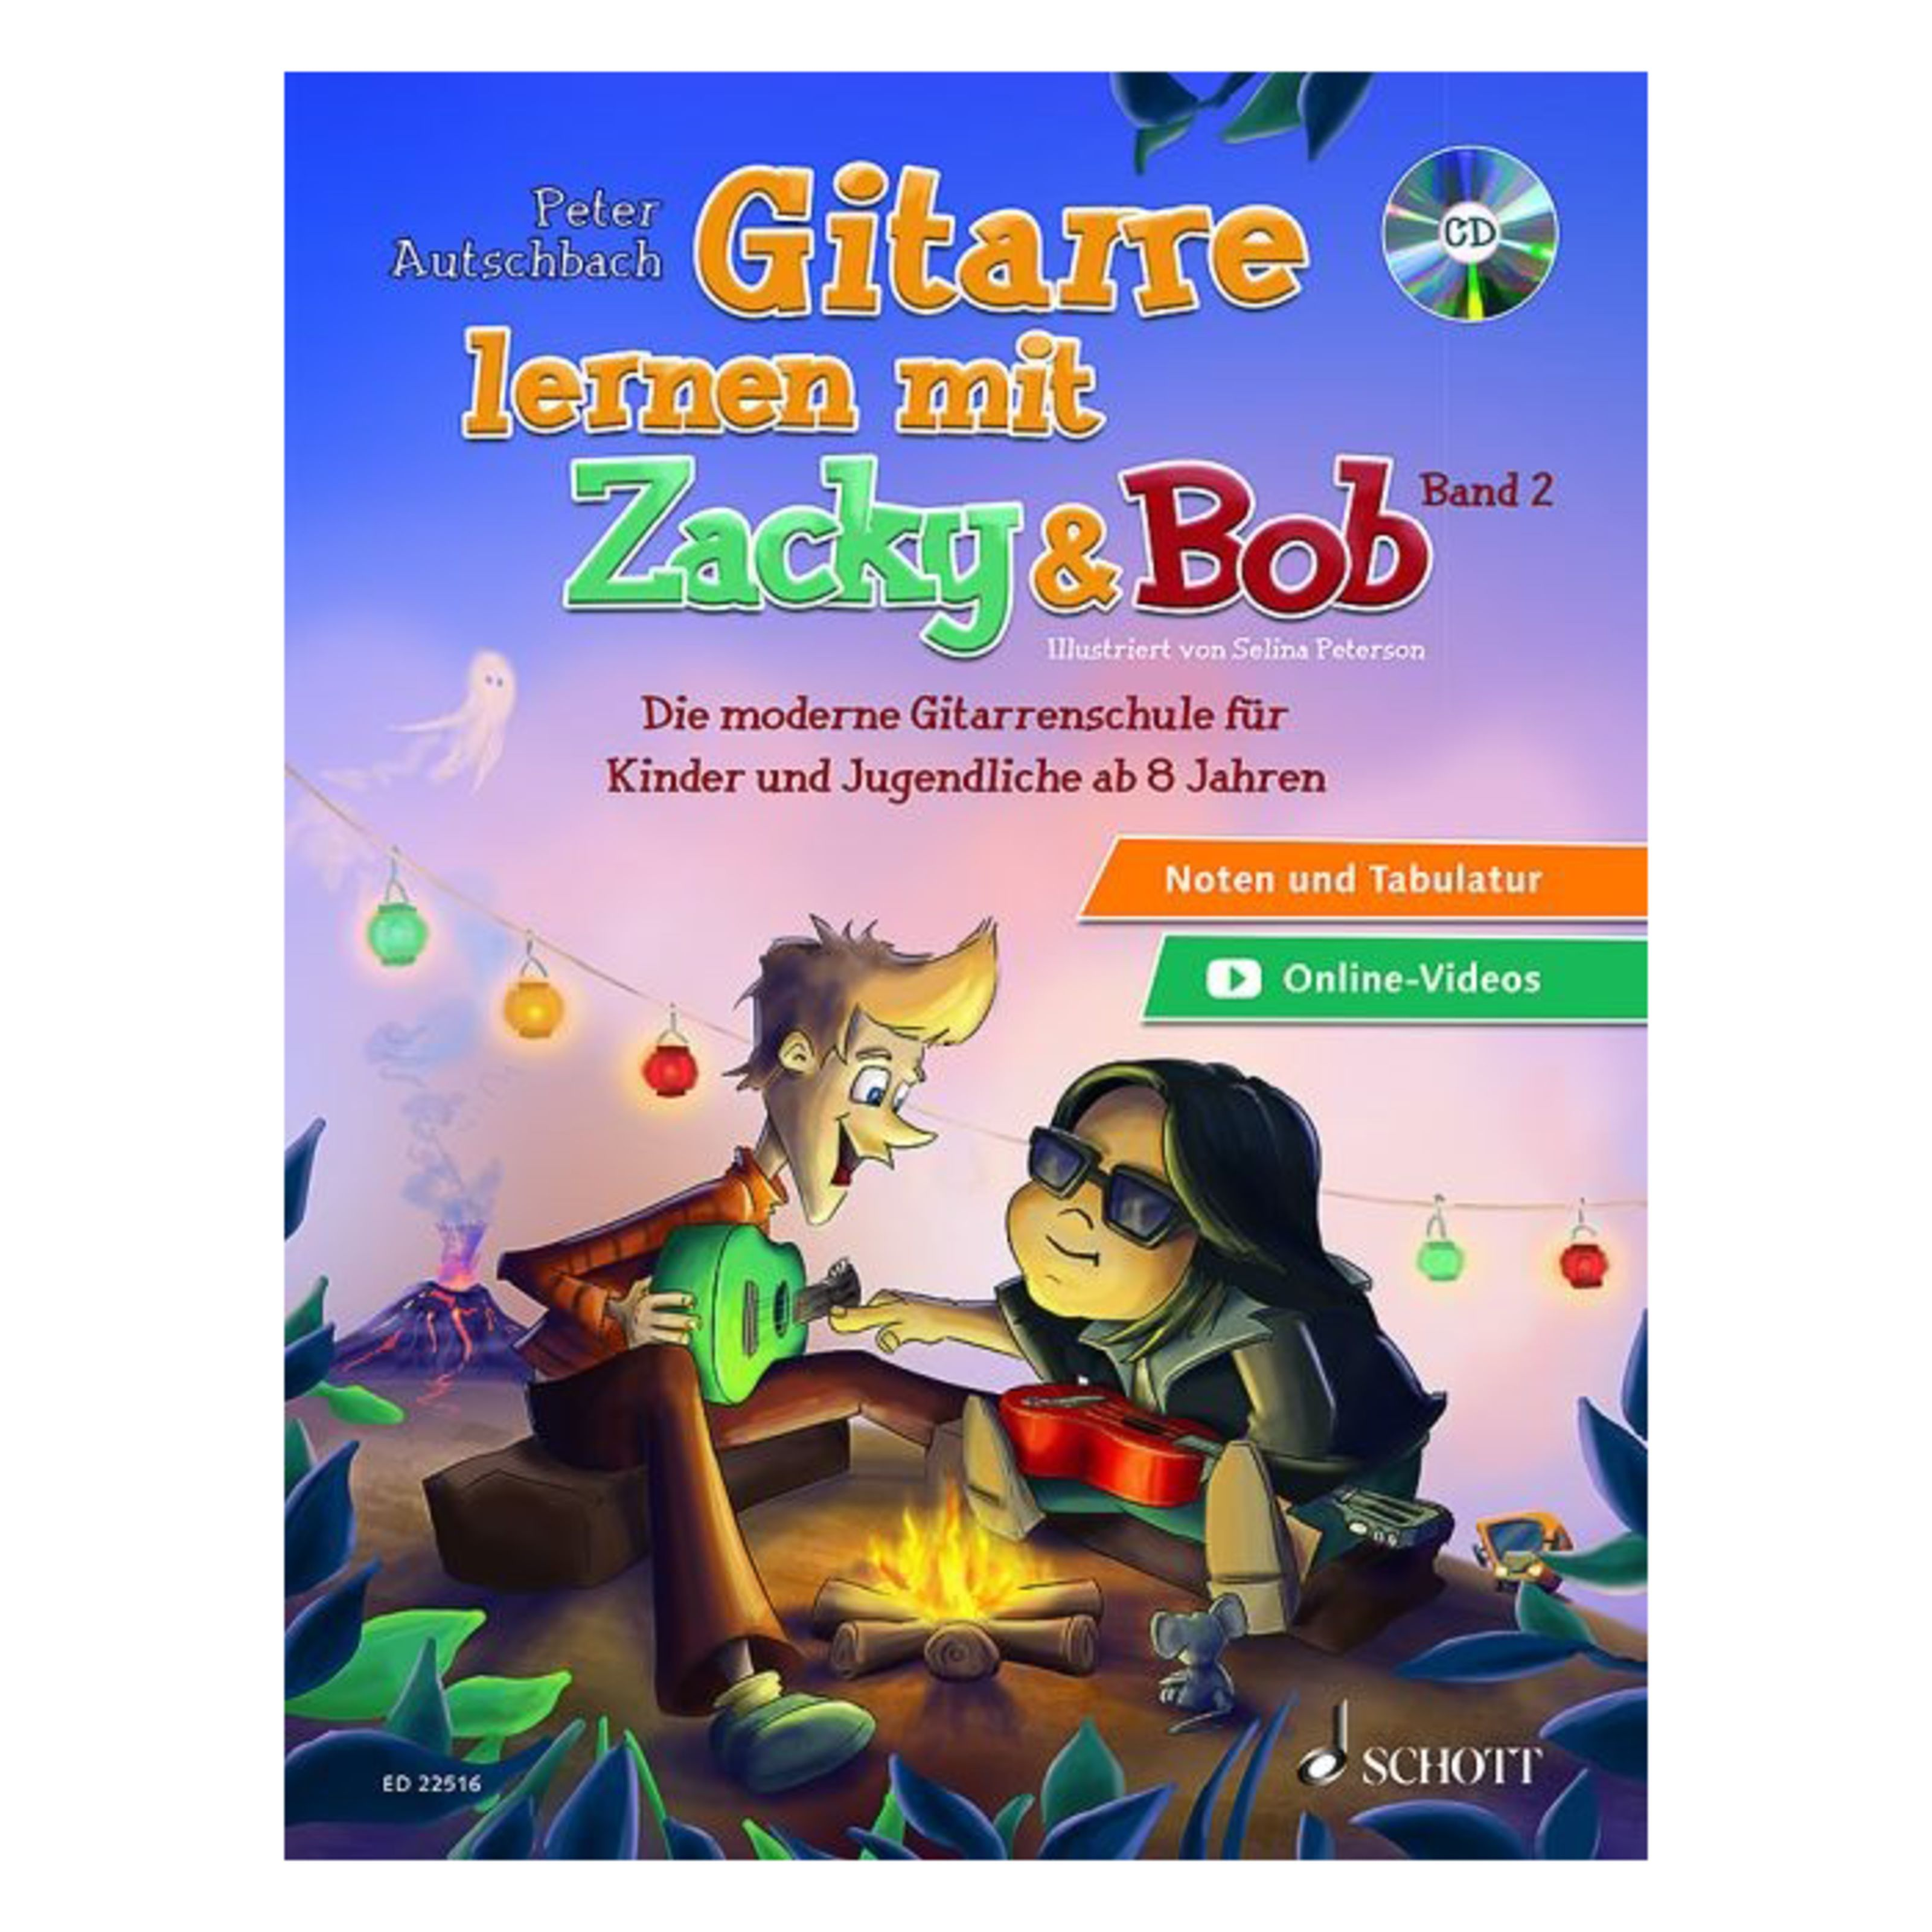 Schott Music - Gitarre lernen mit Zacky und Bob 2 ED 22516